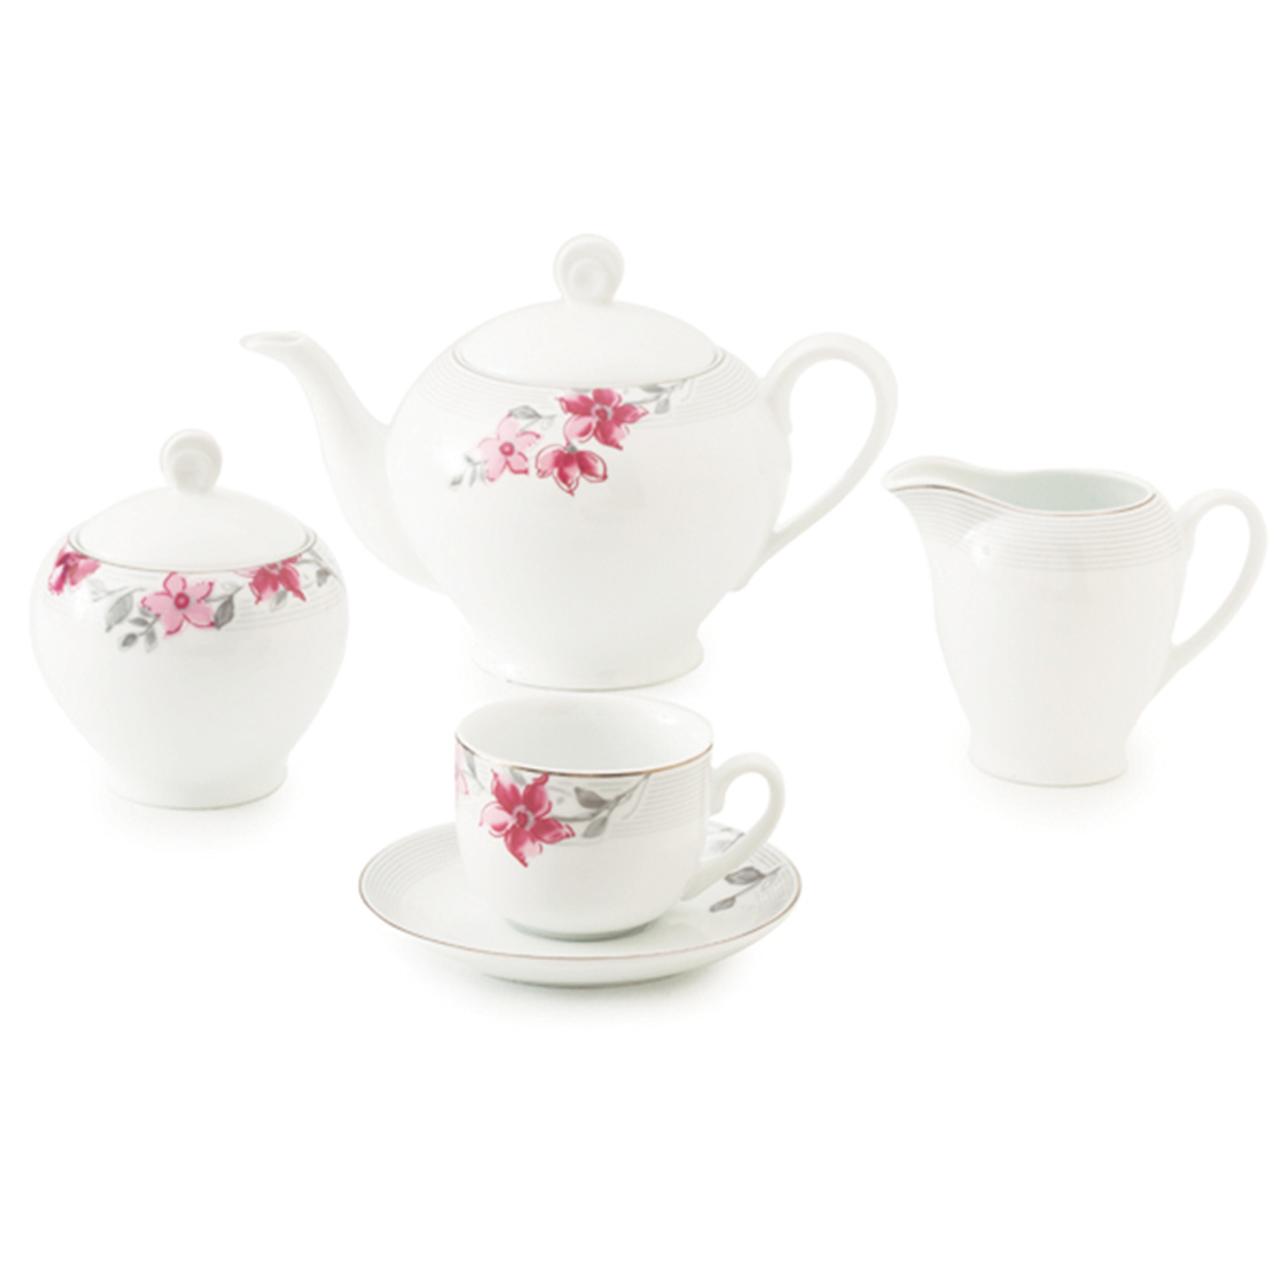 سرویس چای خوری 17 پارچه چینی زرین ایران سری ایتالیا اف مدل کردوبا درجه یک